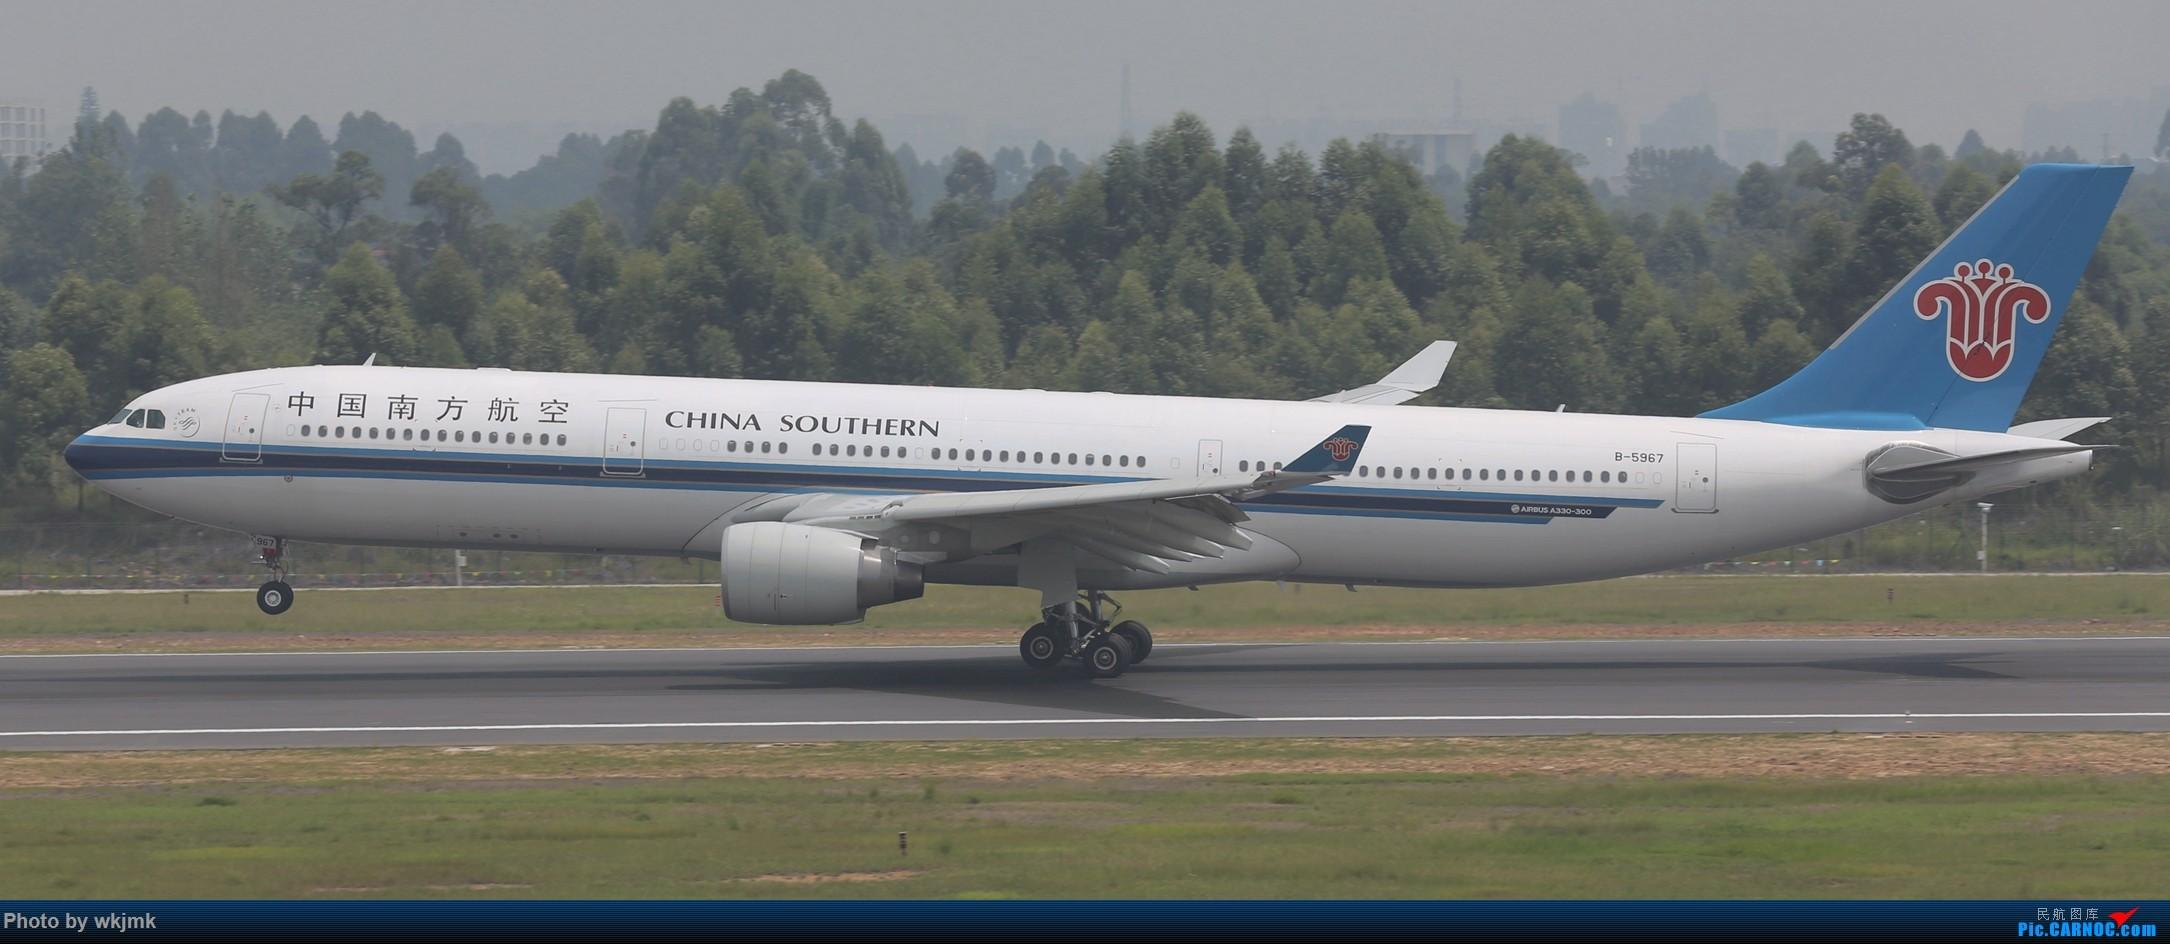 Re:[原创]西宁,成都,重庆三地拍机 AIRBUS A330-300 B-5967 中国成都双流国际机场